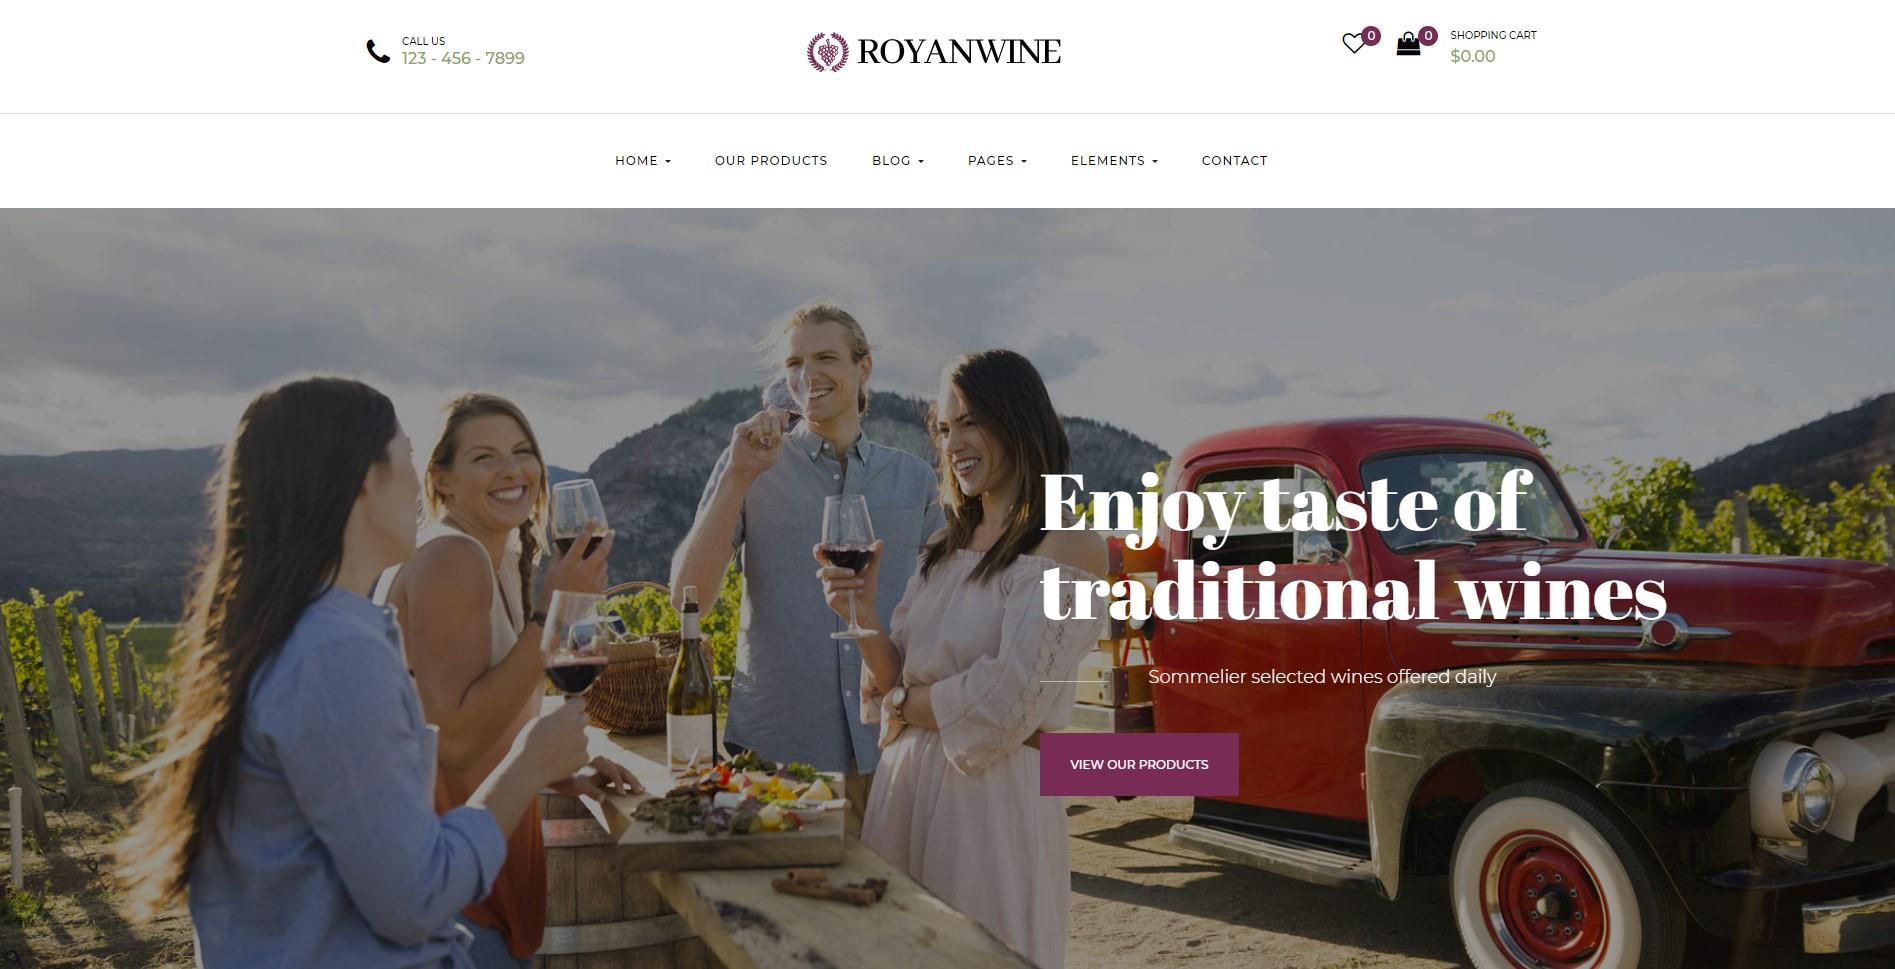 Royanwine Wine Store WordPress Theme